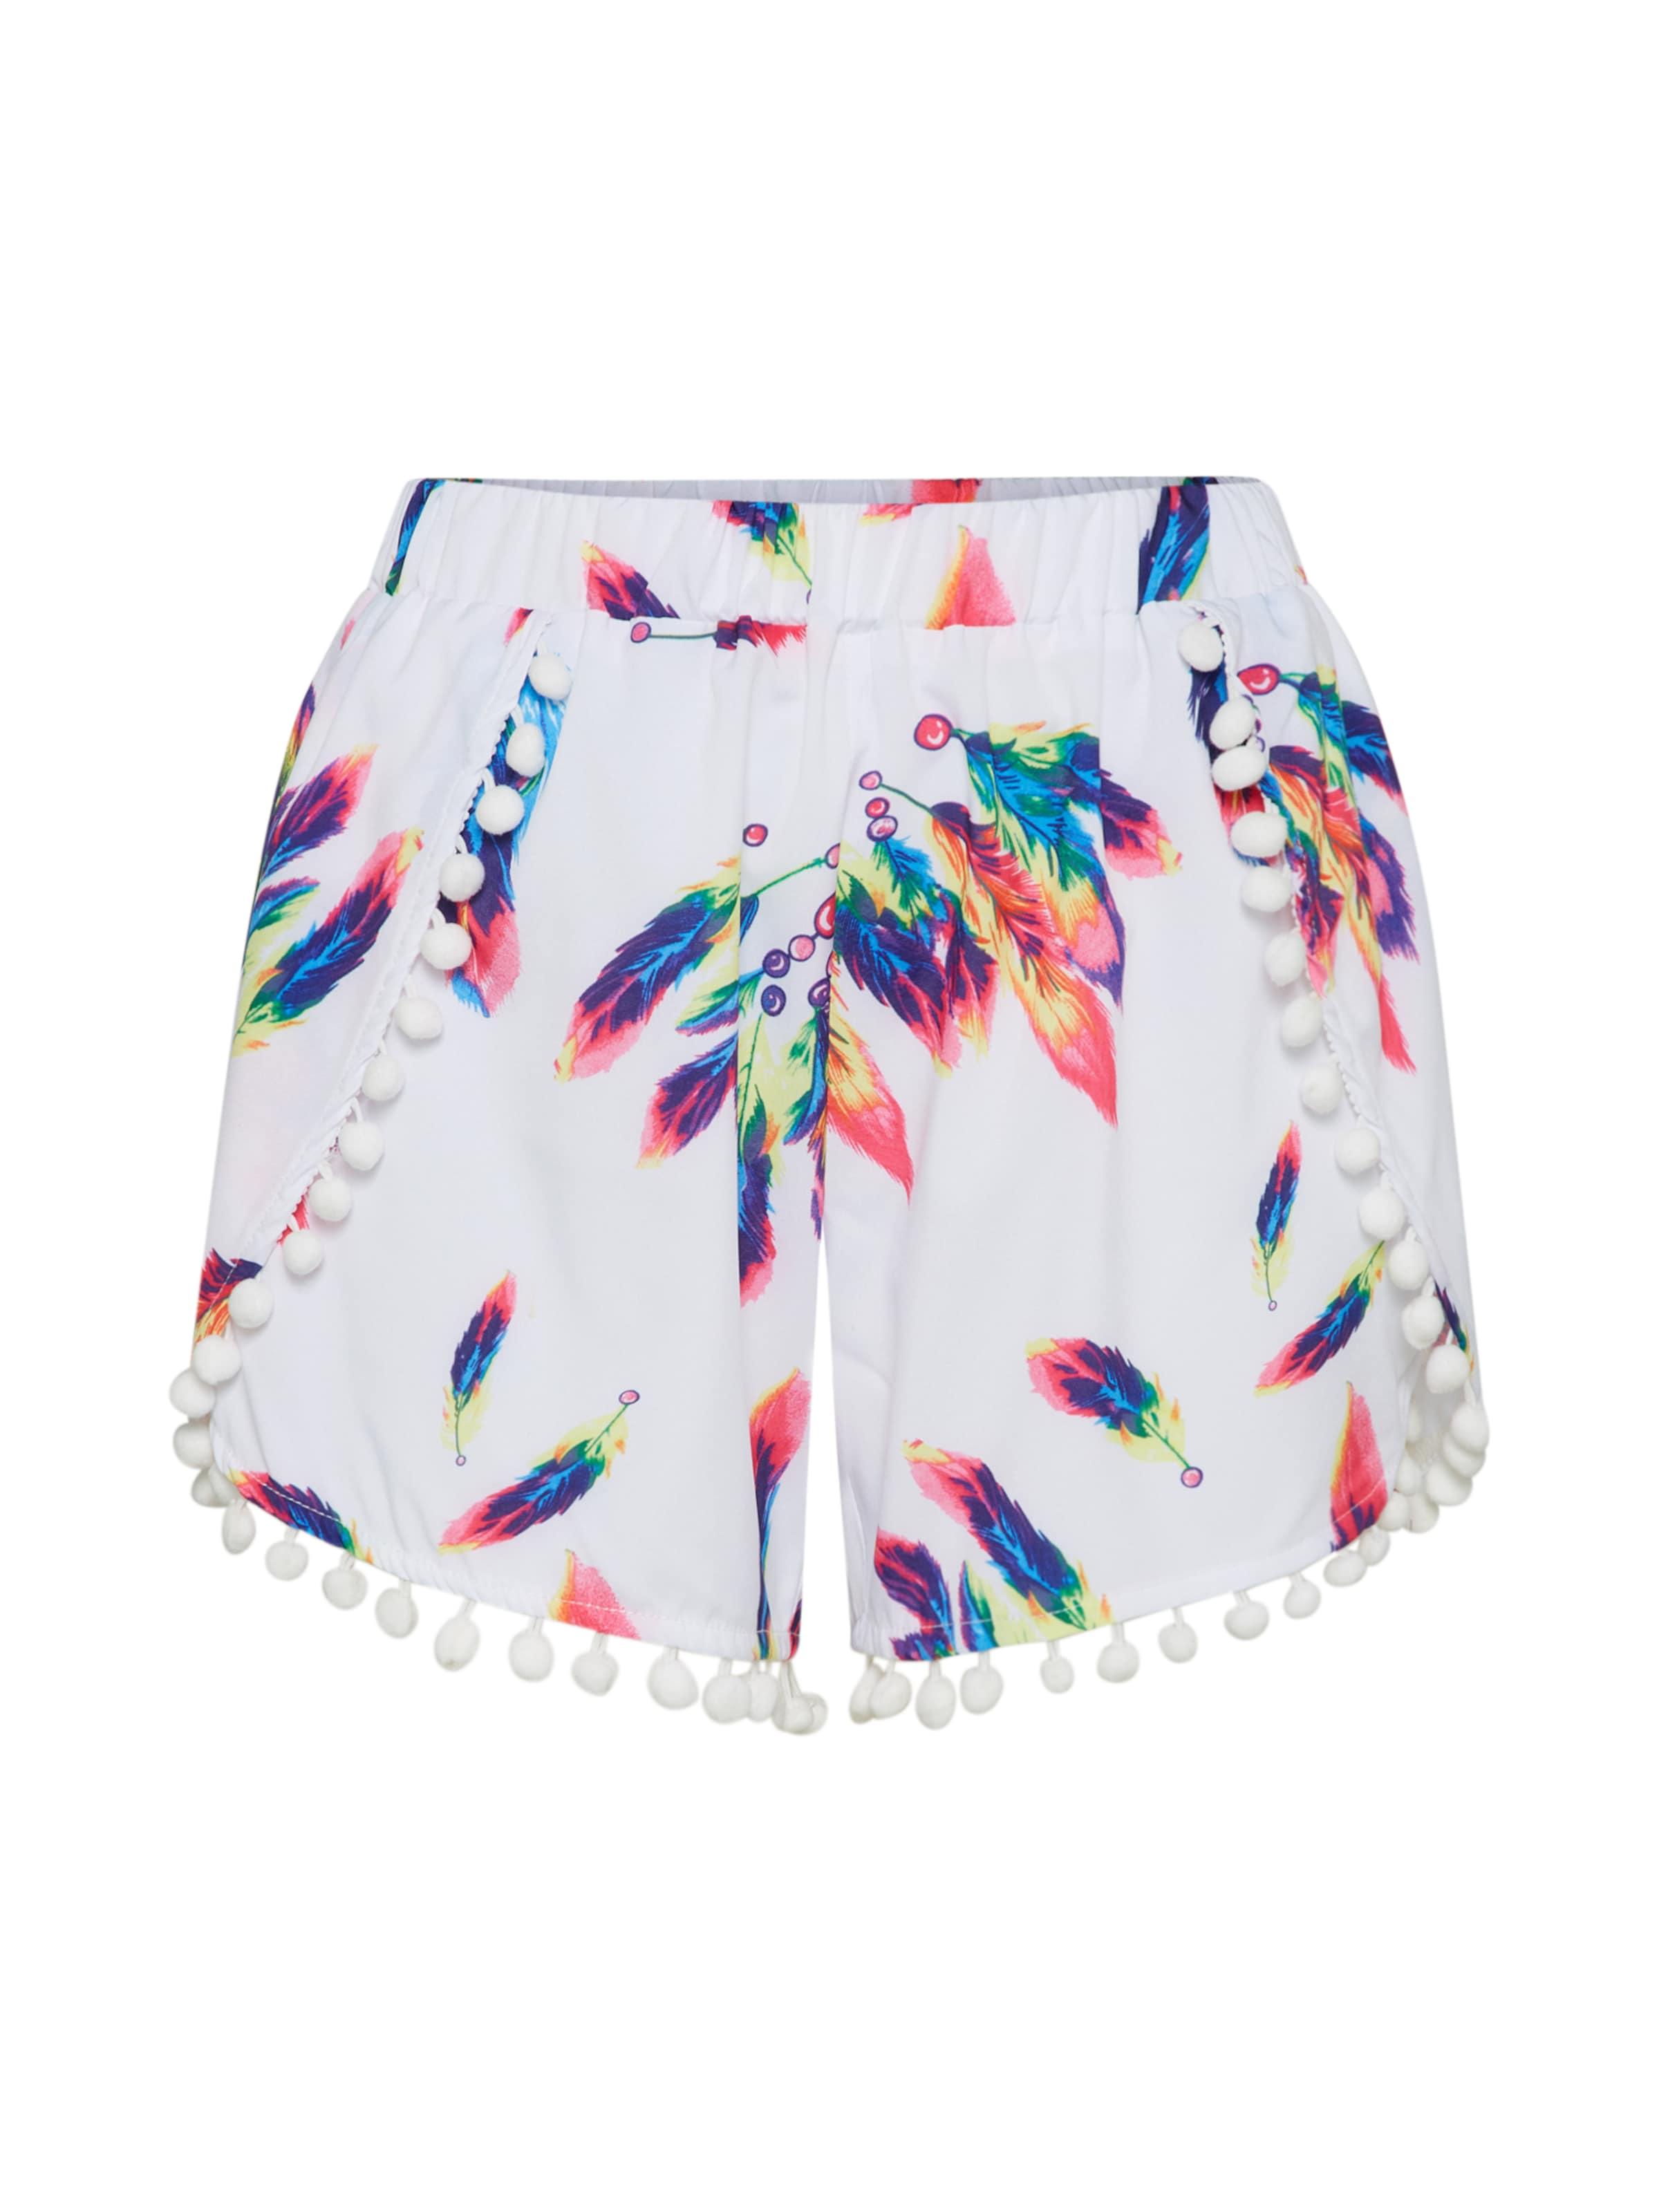 Pantalon Mel D9bhieeyw2 Blanc En Bleuorange Ivy W2E9DHI